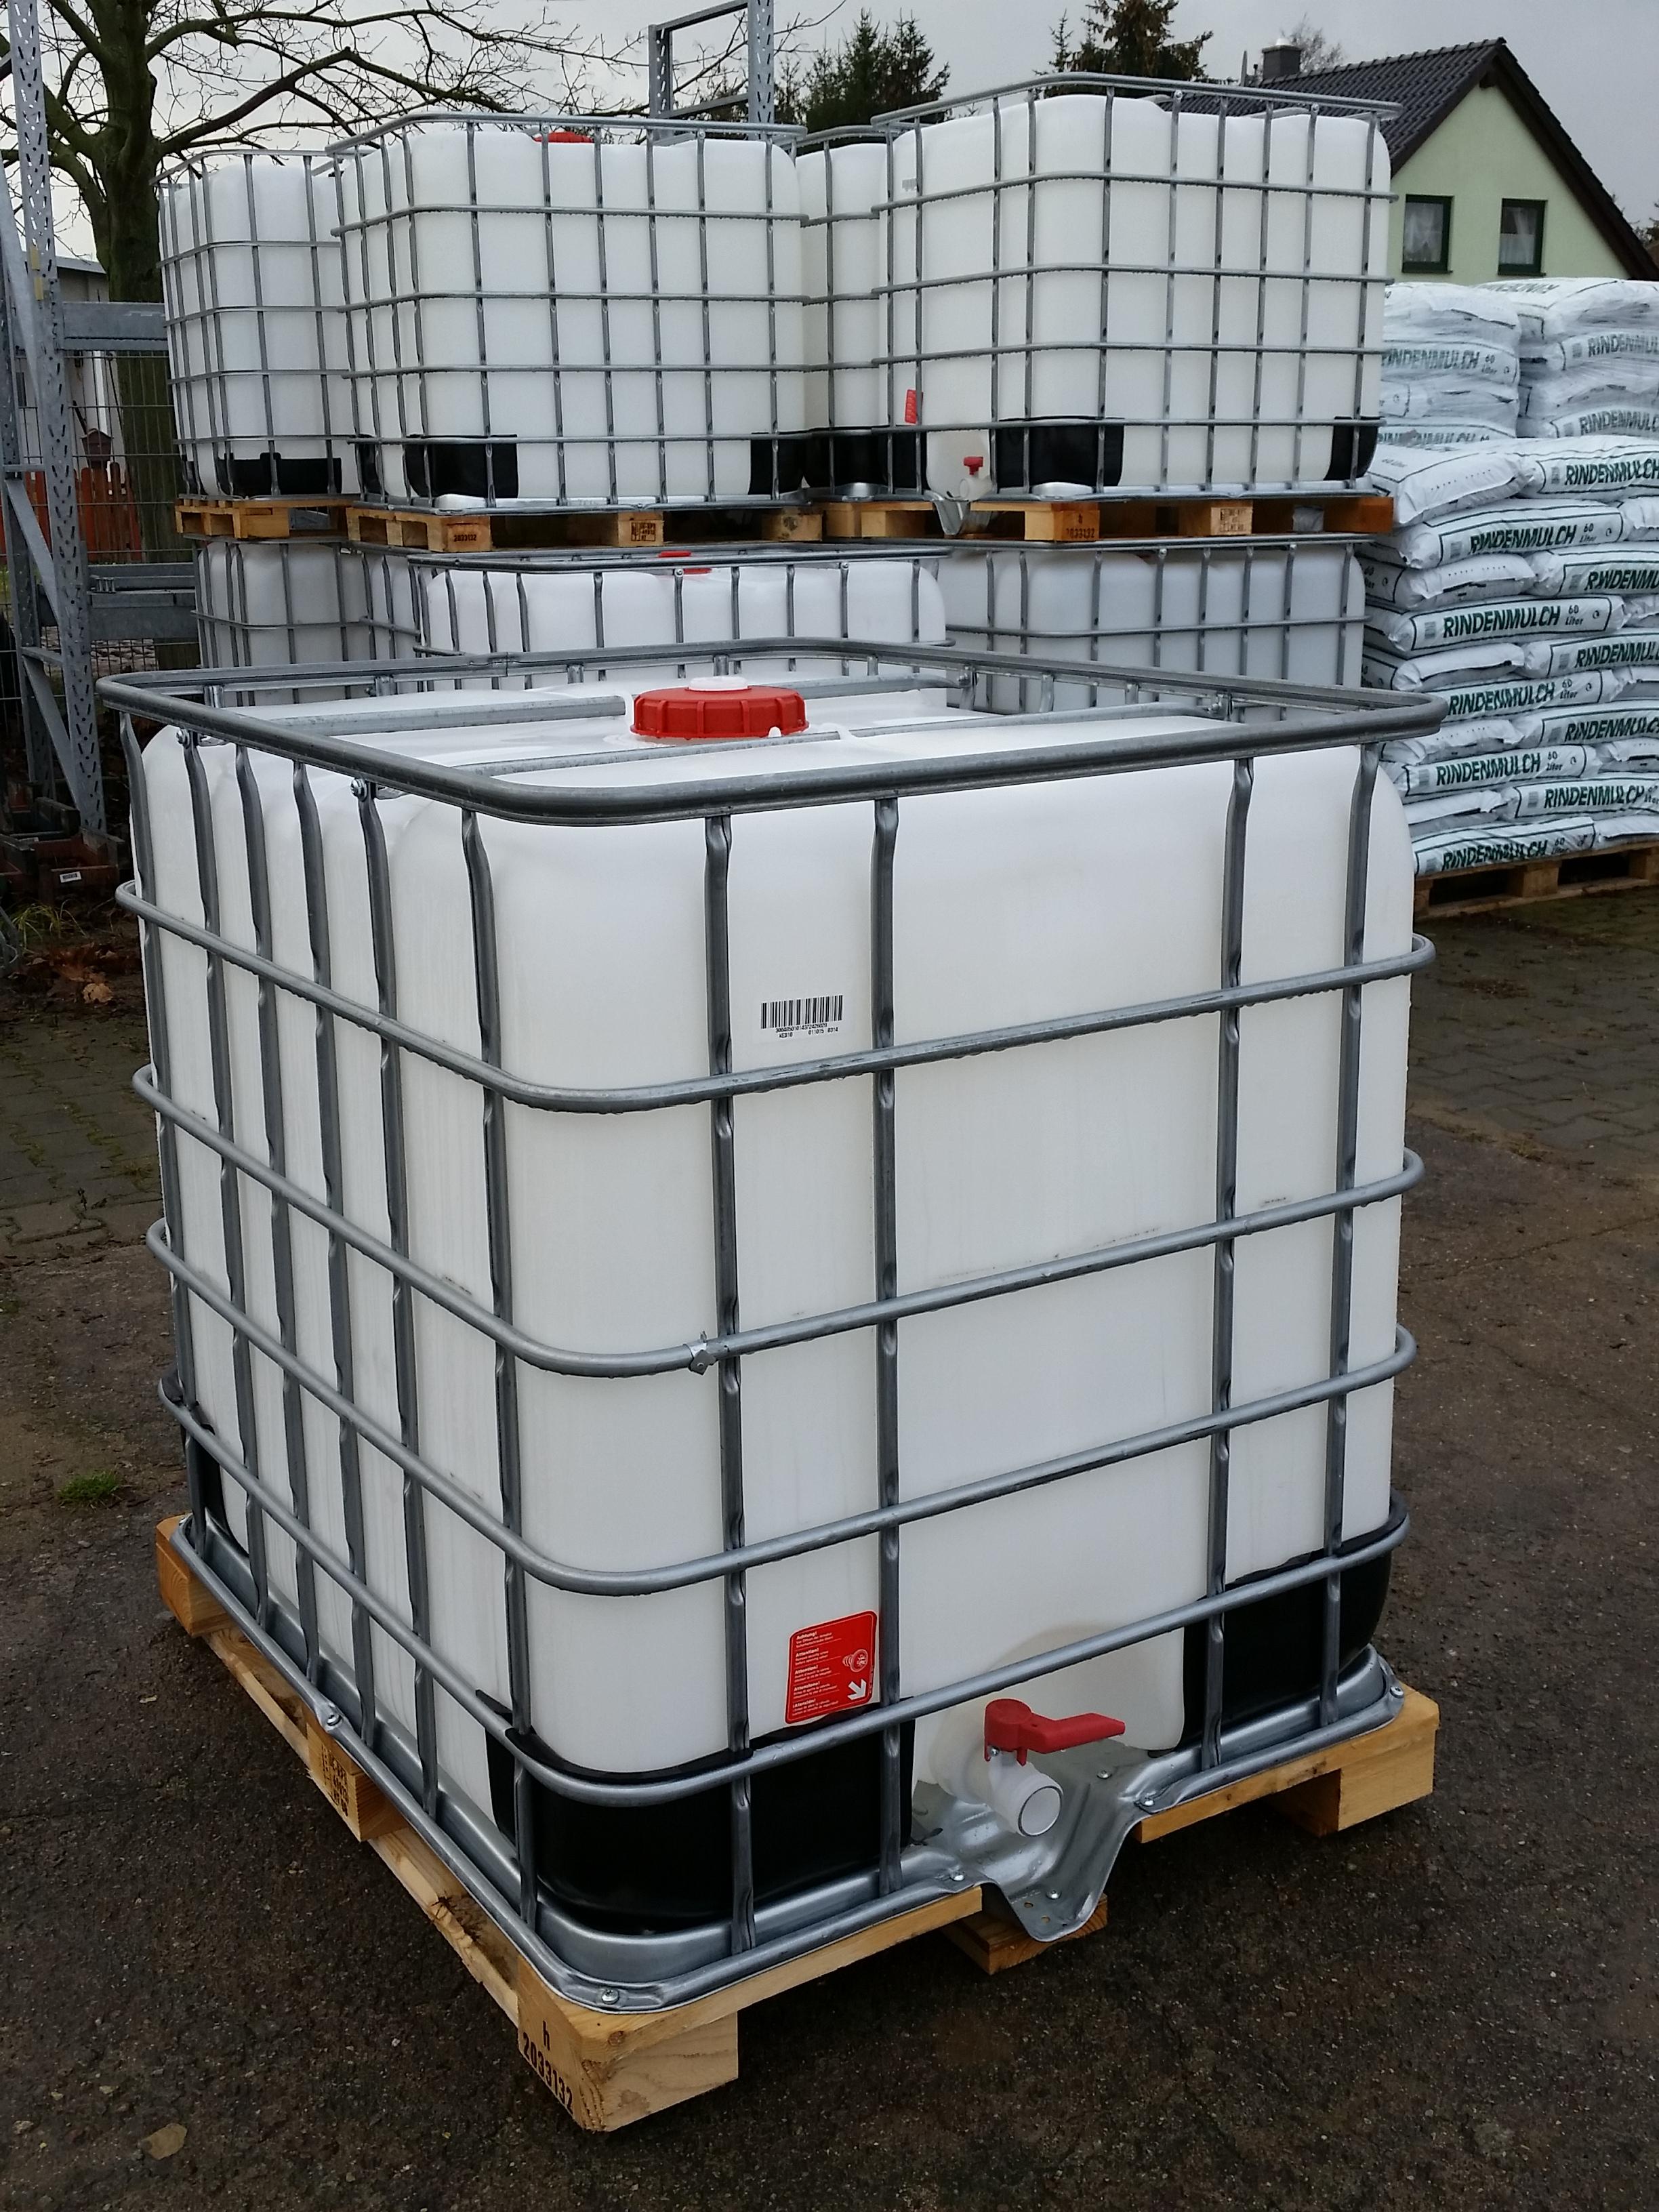 Gemeinsame Schleuderelli-Shop - I BC Tank 1000 Liter Nutzwasser Regentank &GS_76